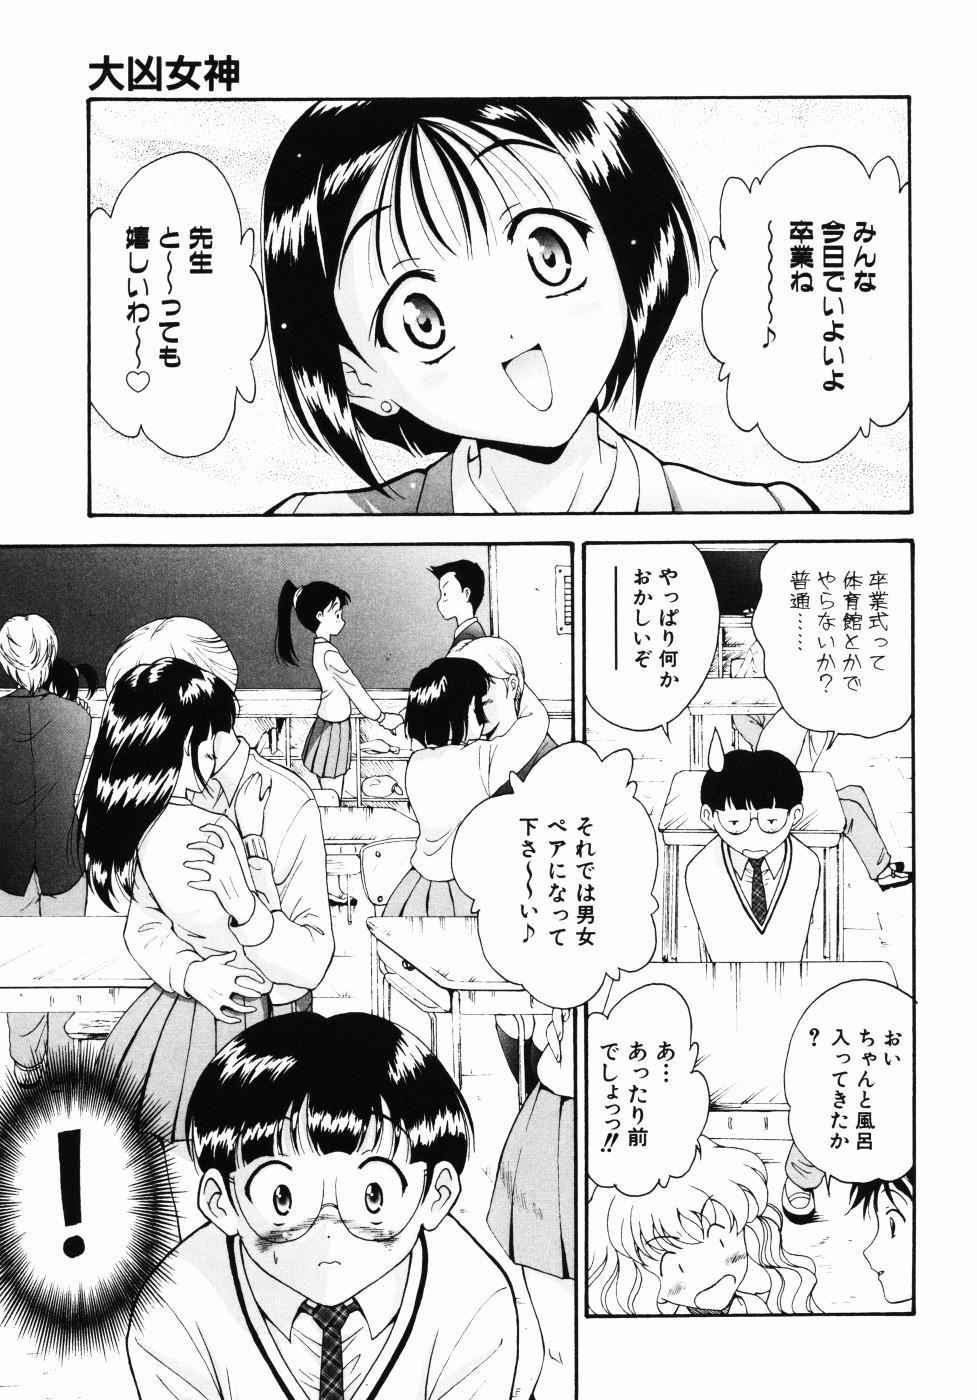 Daikyou Megami 109